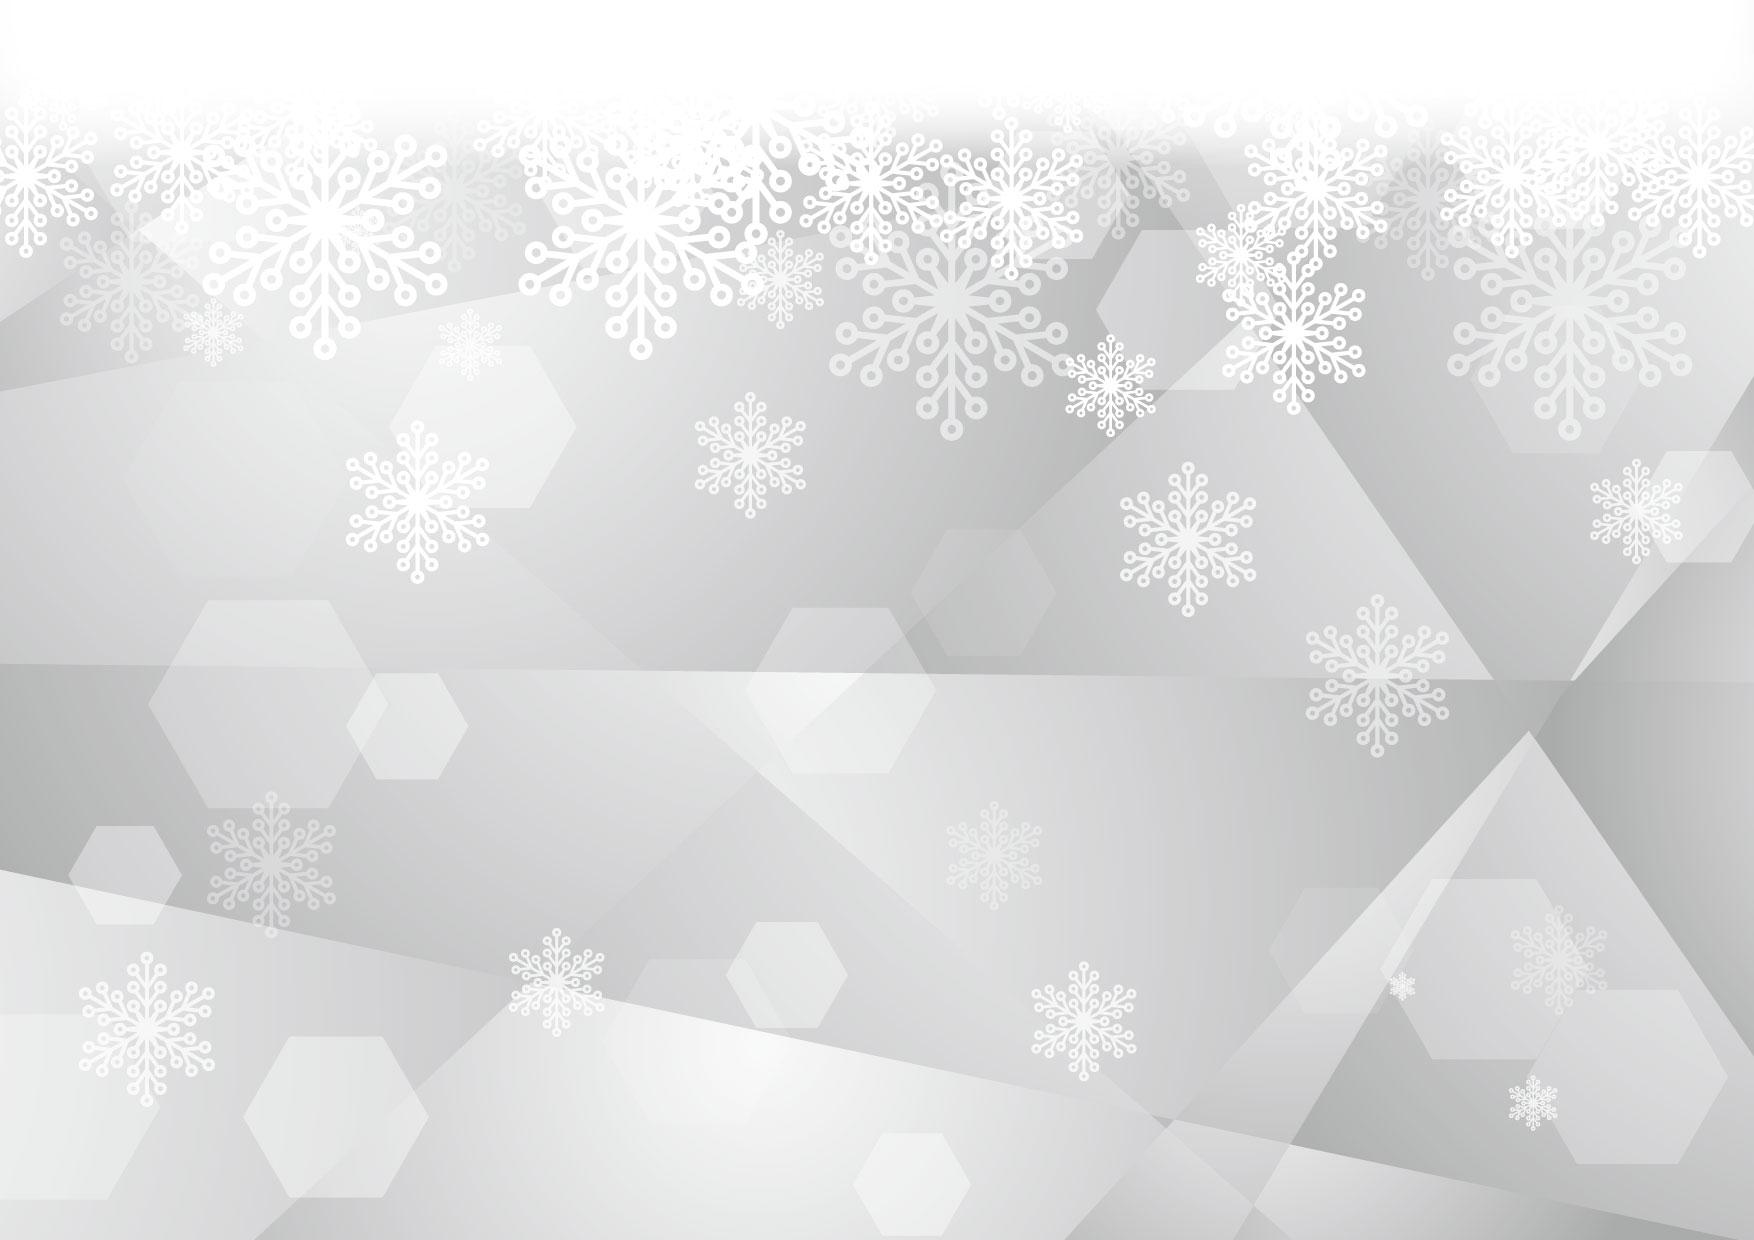 雪の結晶 ガラス グレー 背景 イラスト 無料